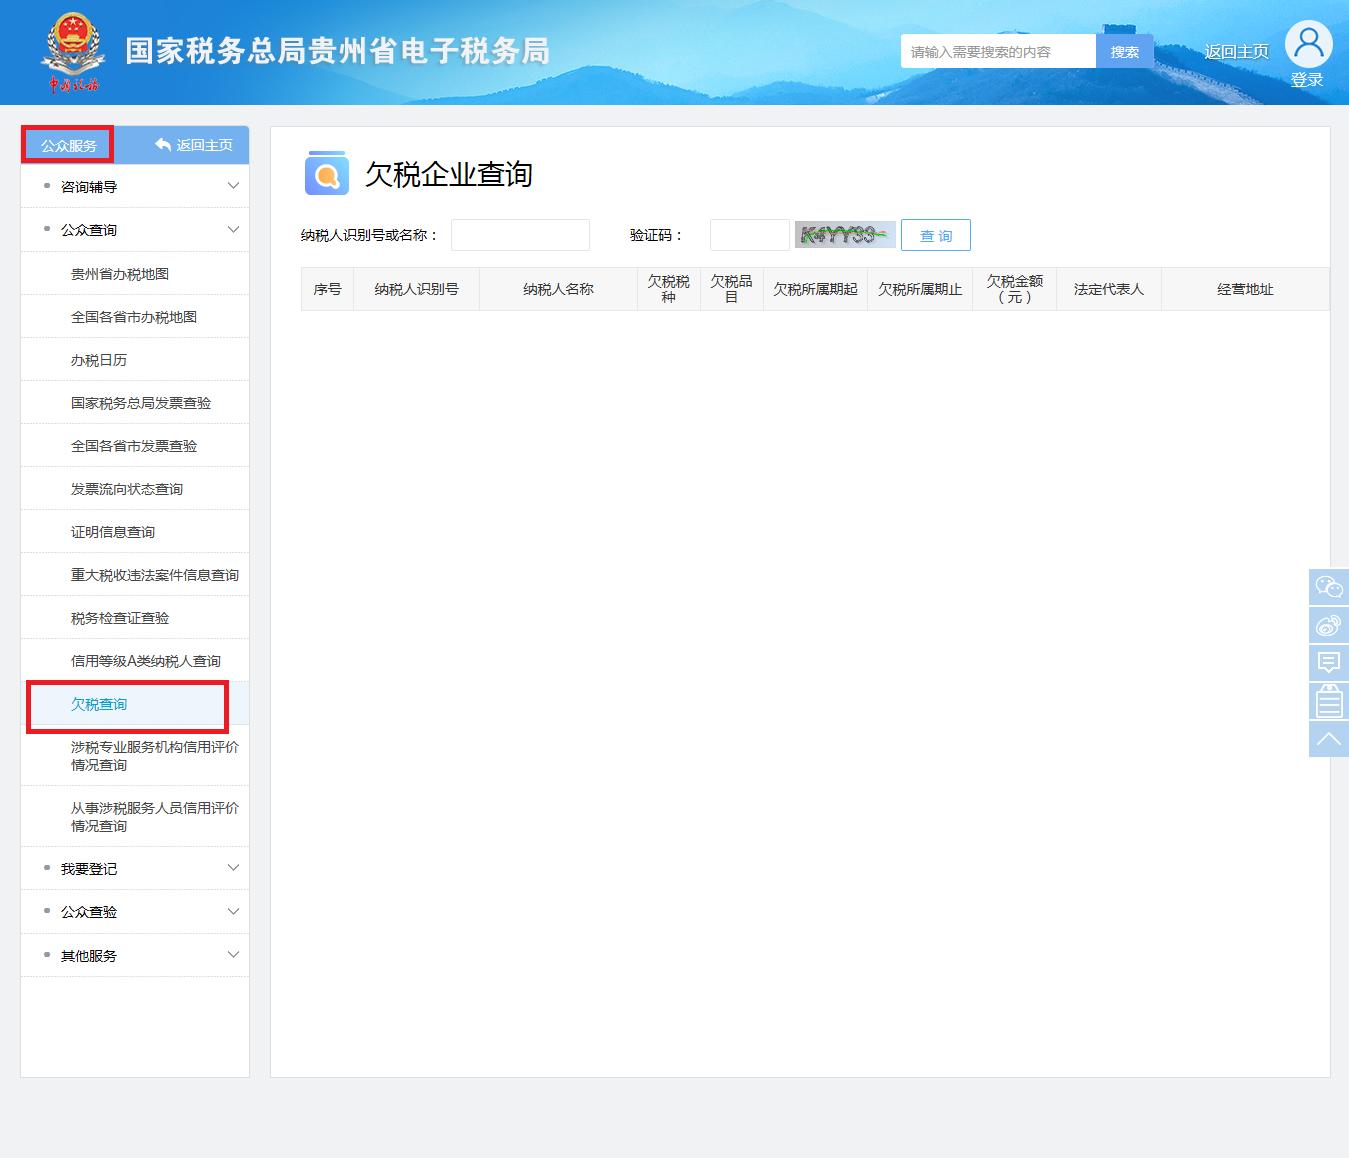 贵州省电子税务局欠税企业查询